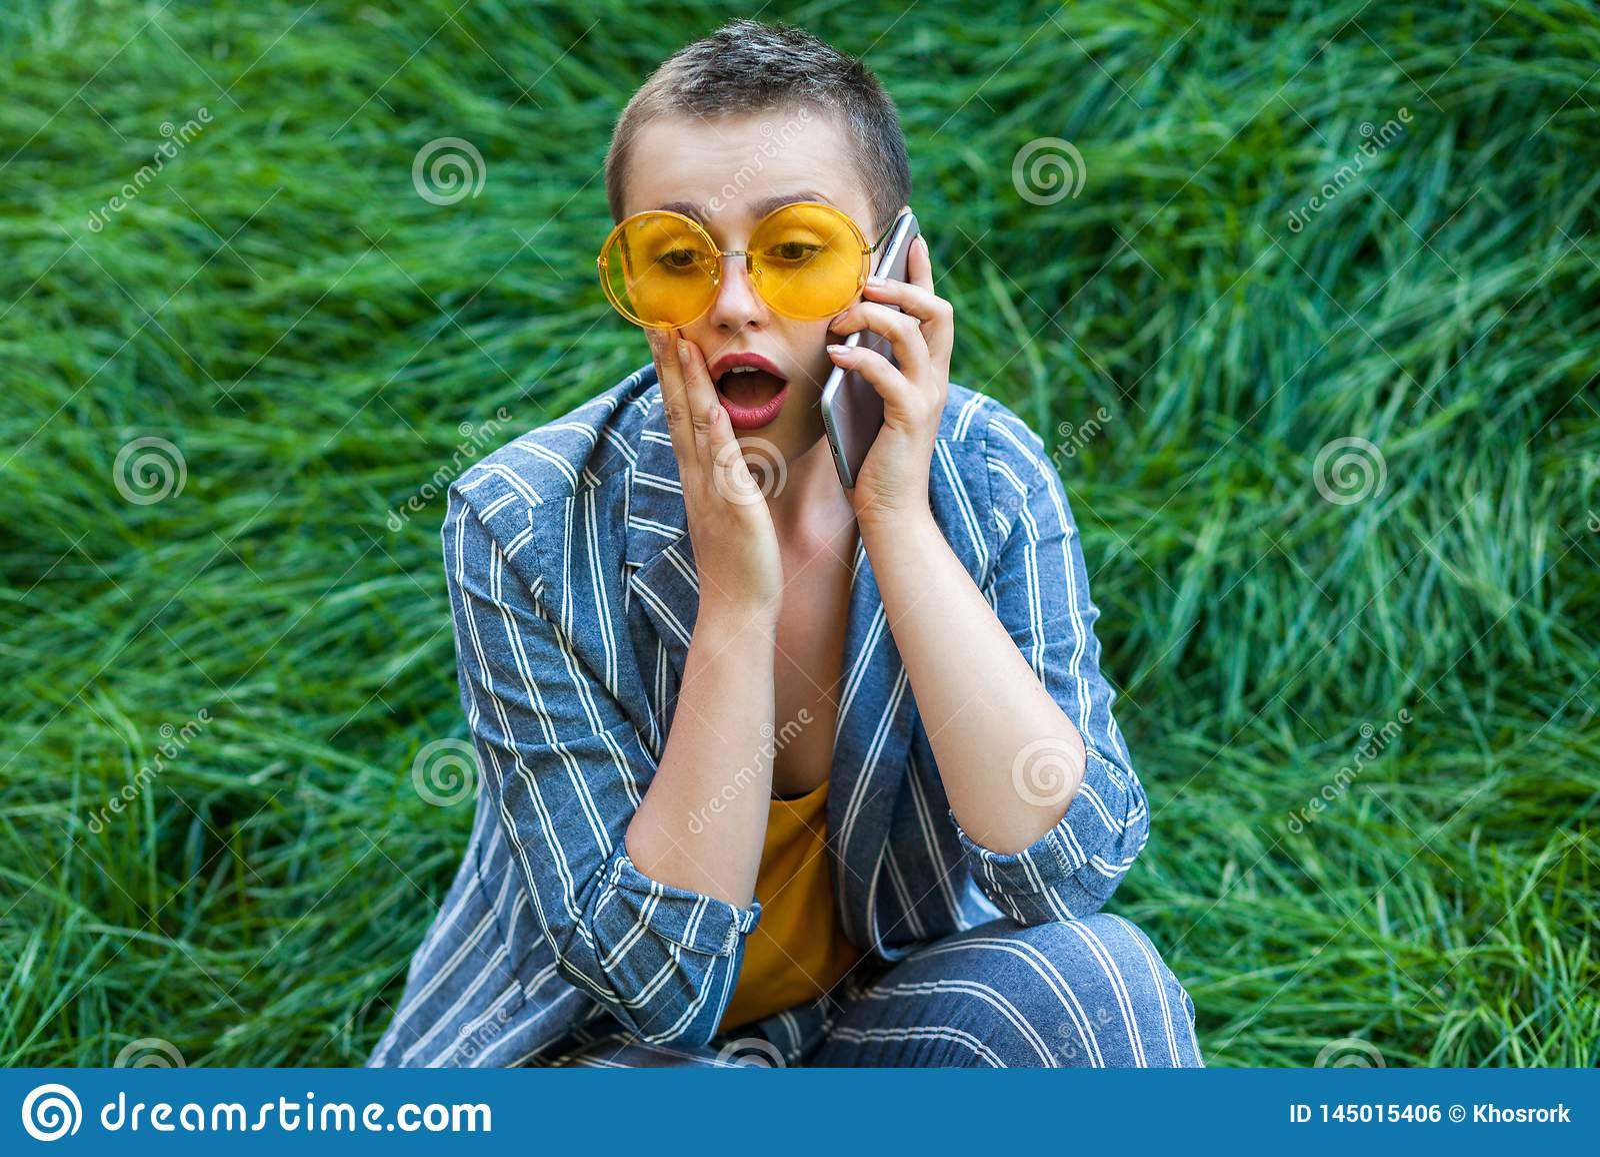 Portret van geschokte leuke jonge korte haarvrouw die in toevallig blauw gestreept kostuum, gele overhemd en glazen op groen gras